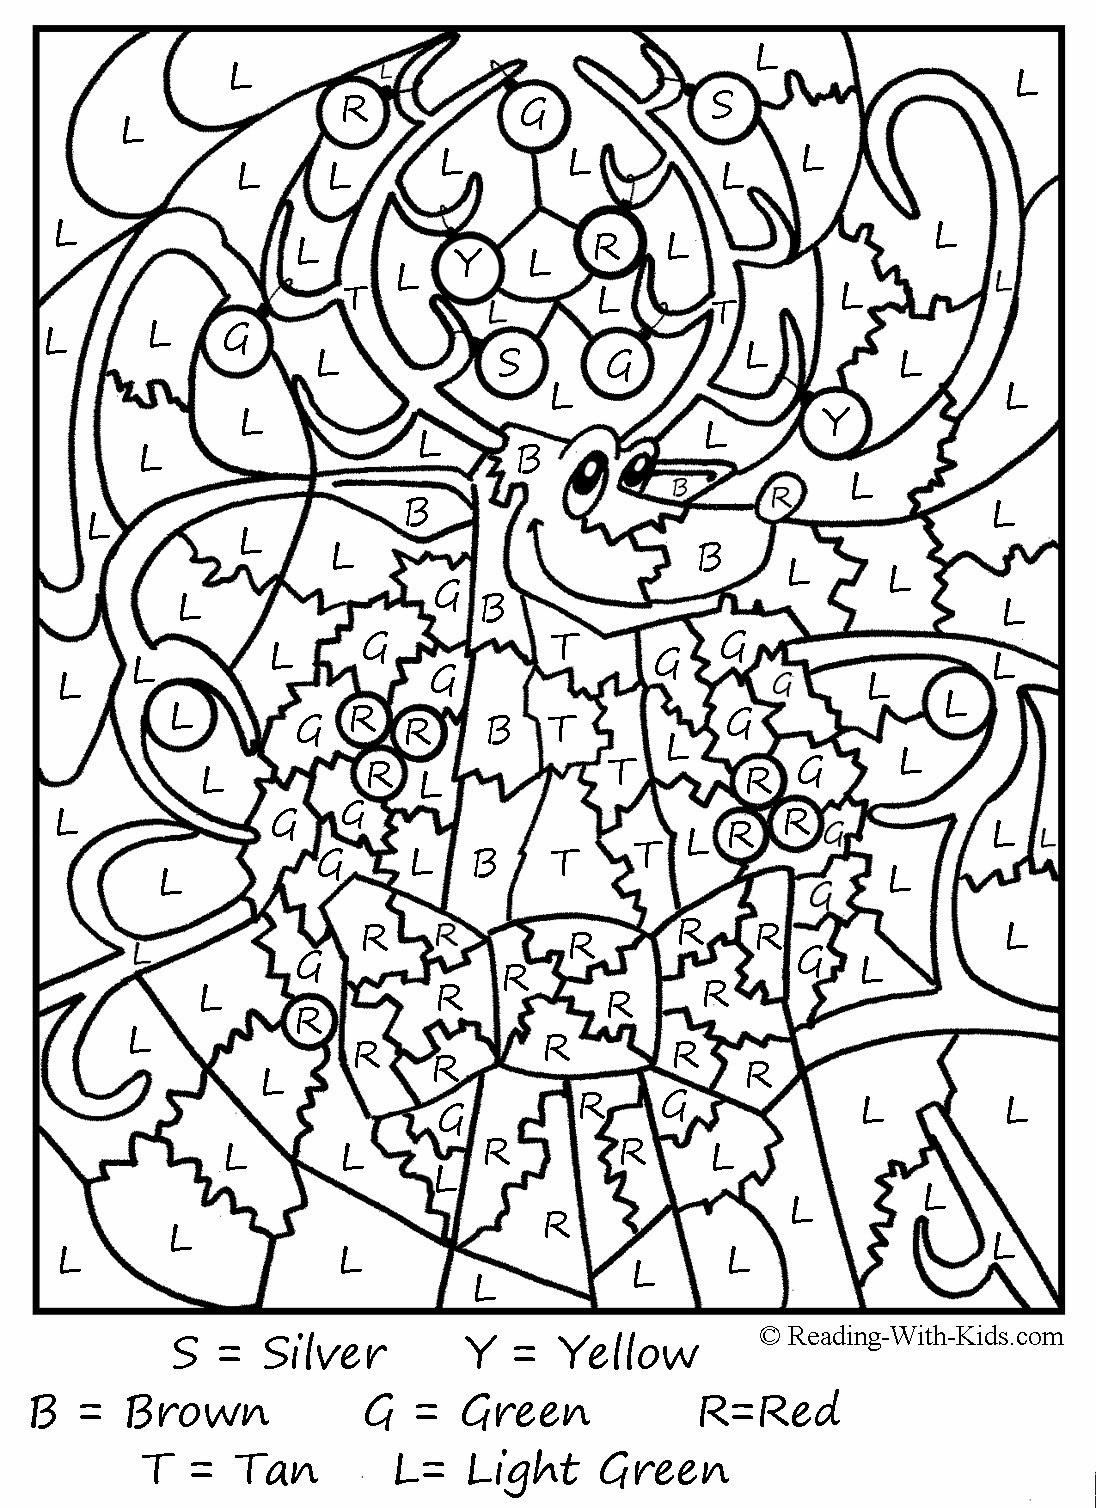 Dessins Gratuits À Colorier - Coloriage Magique Cp À Imprimer avec Coloriage Avec Calcul